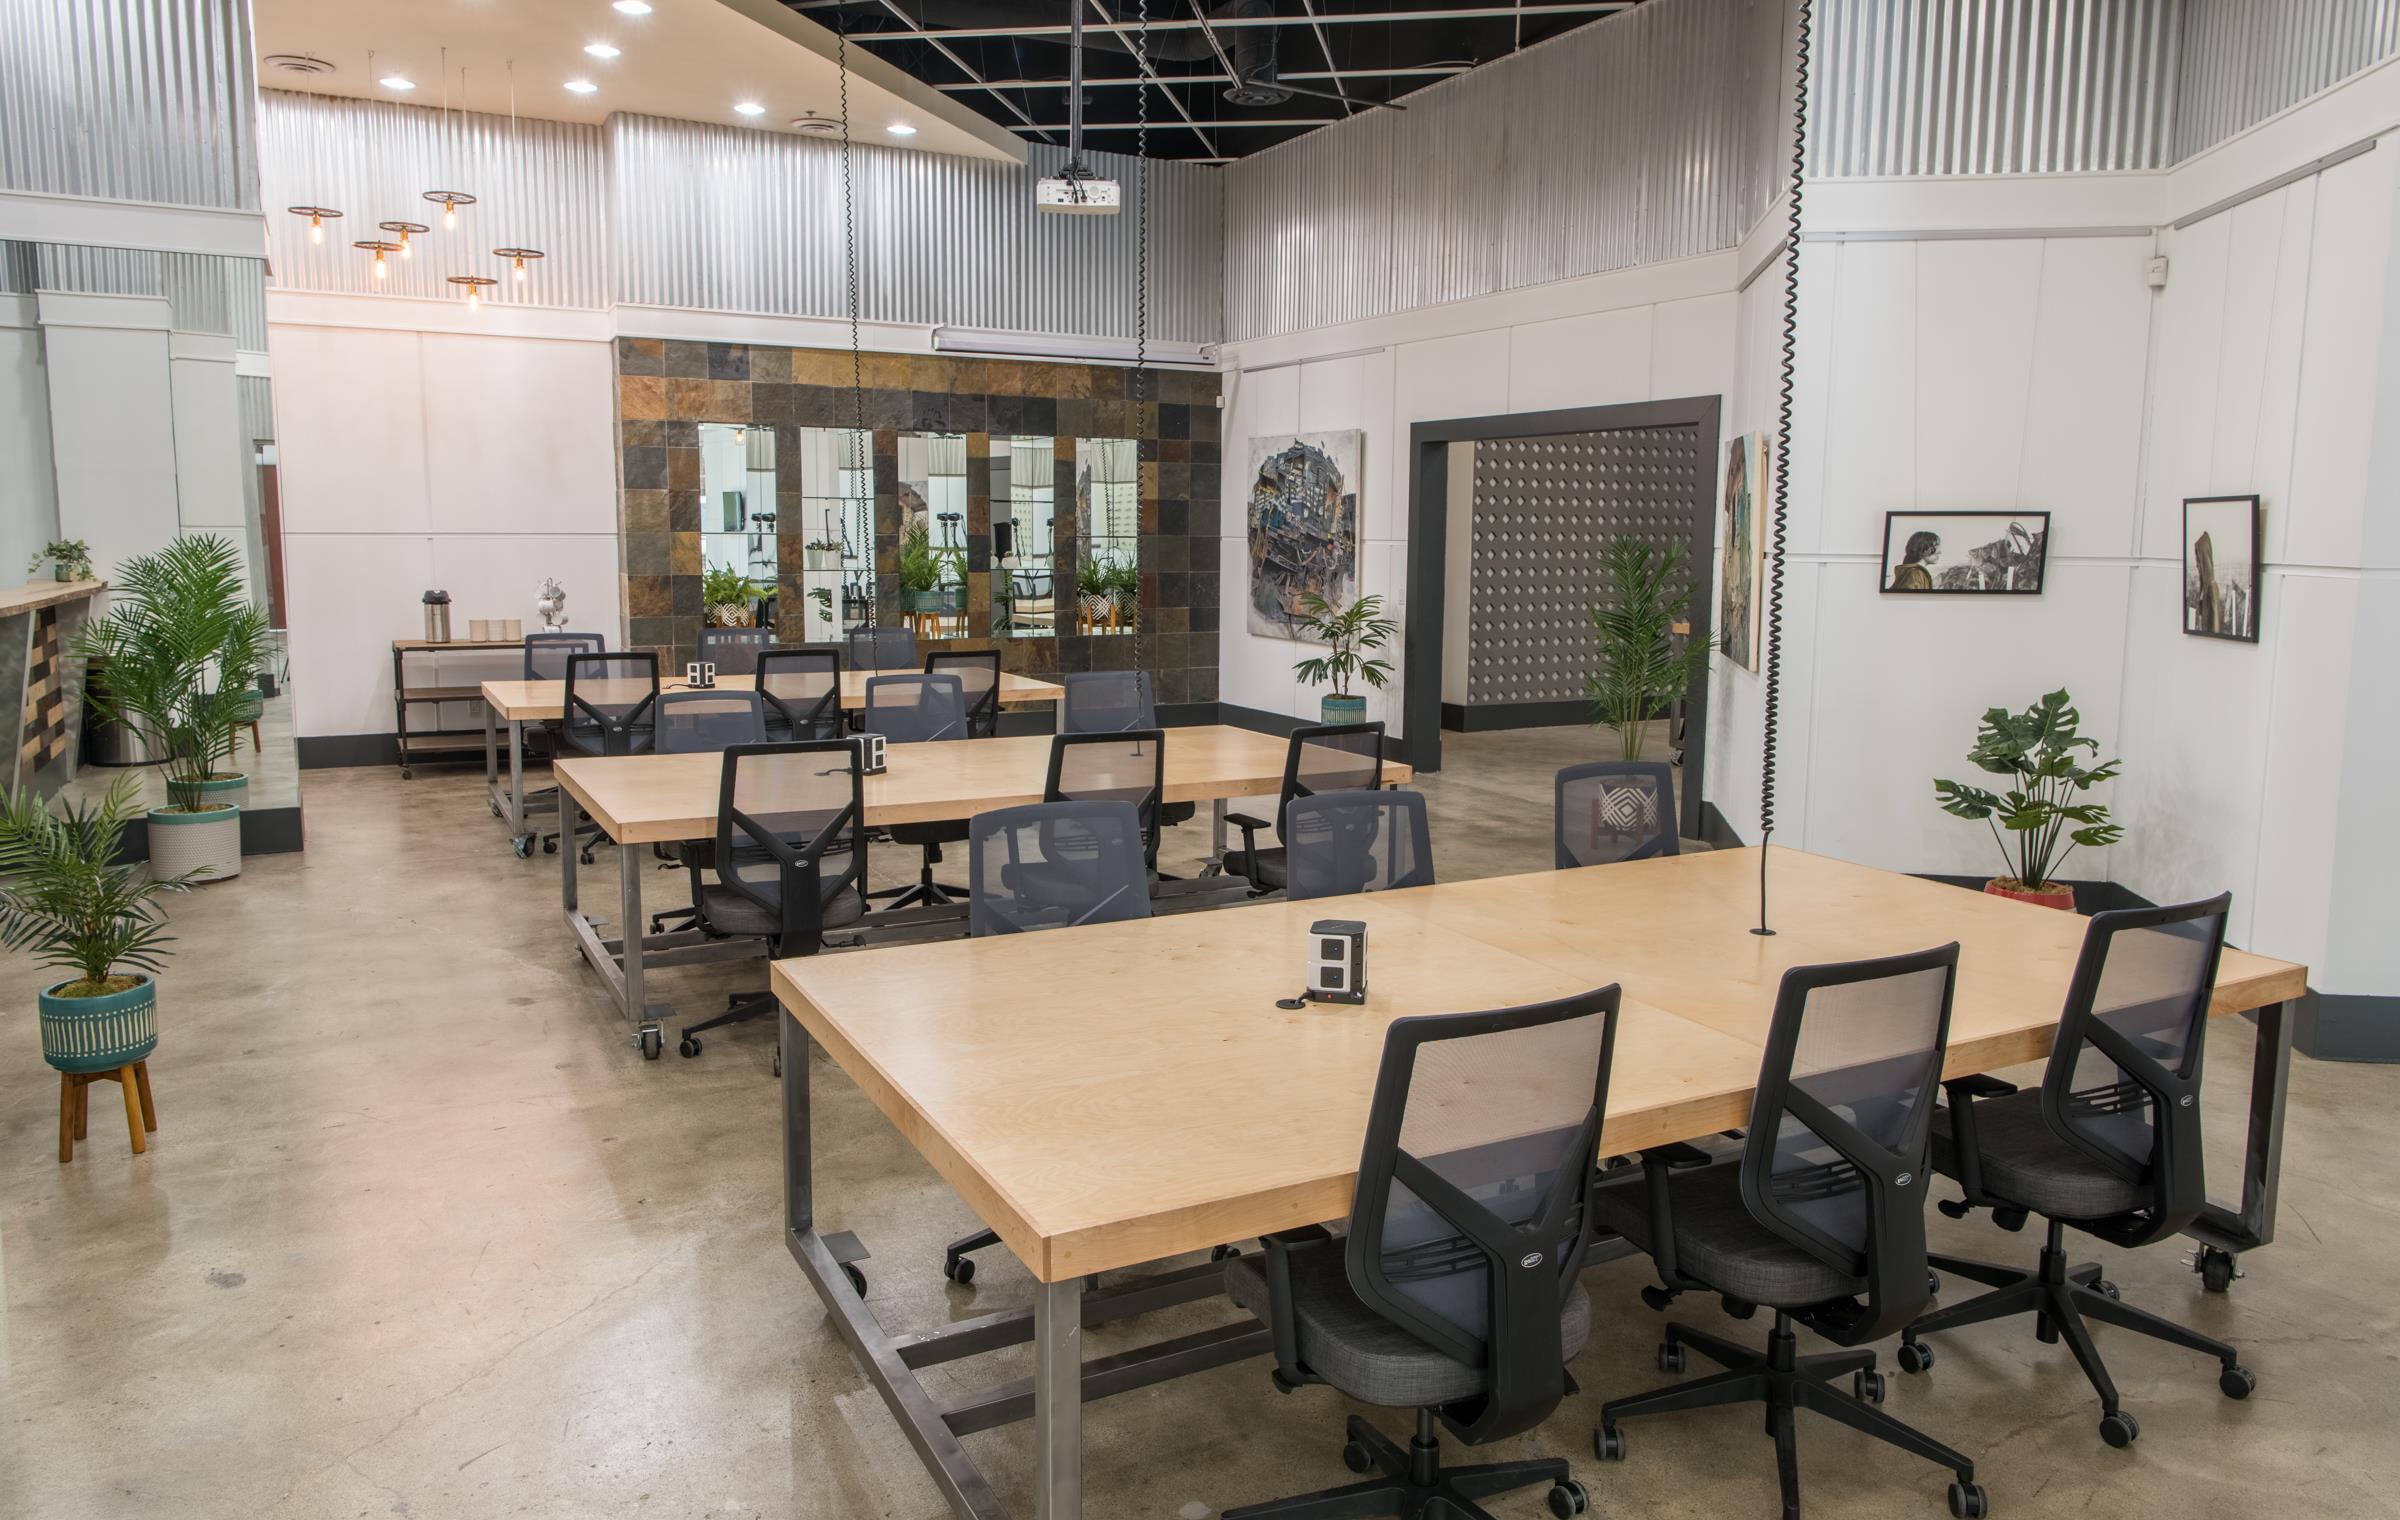 WorkWell - Multipurpose Room